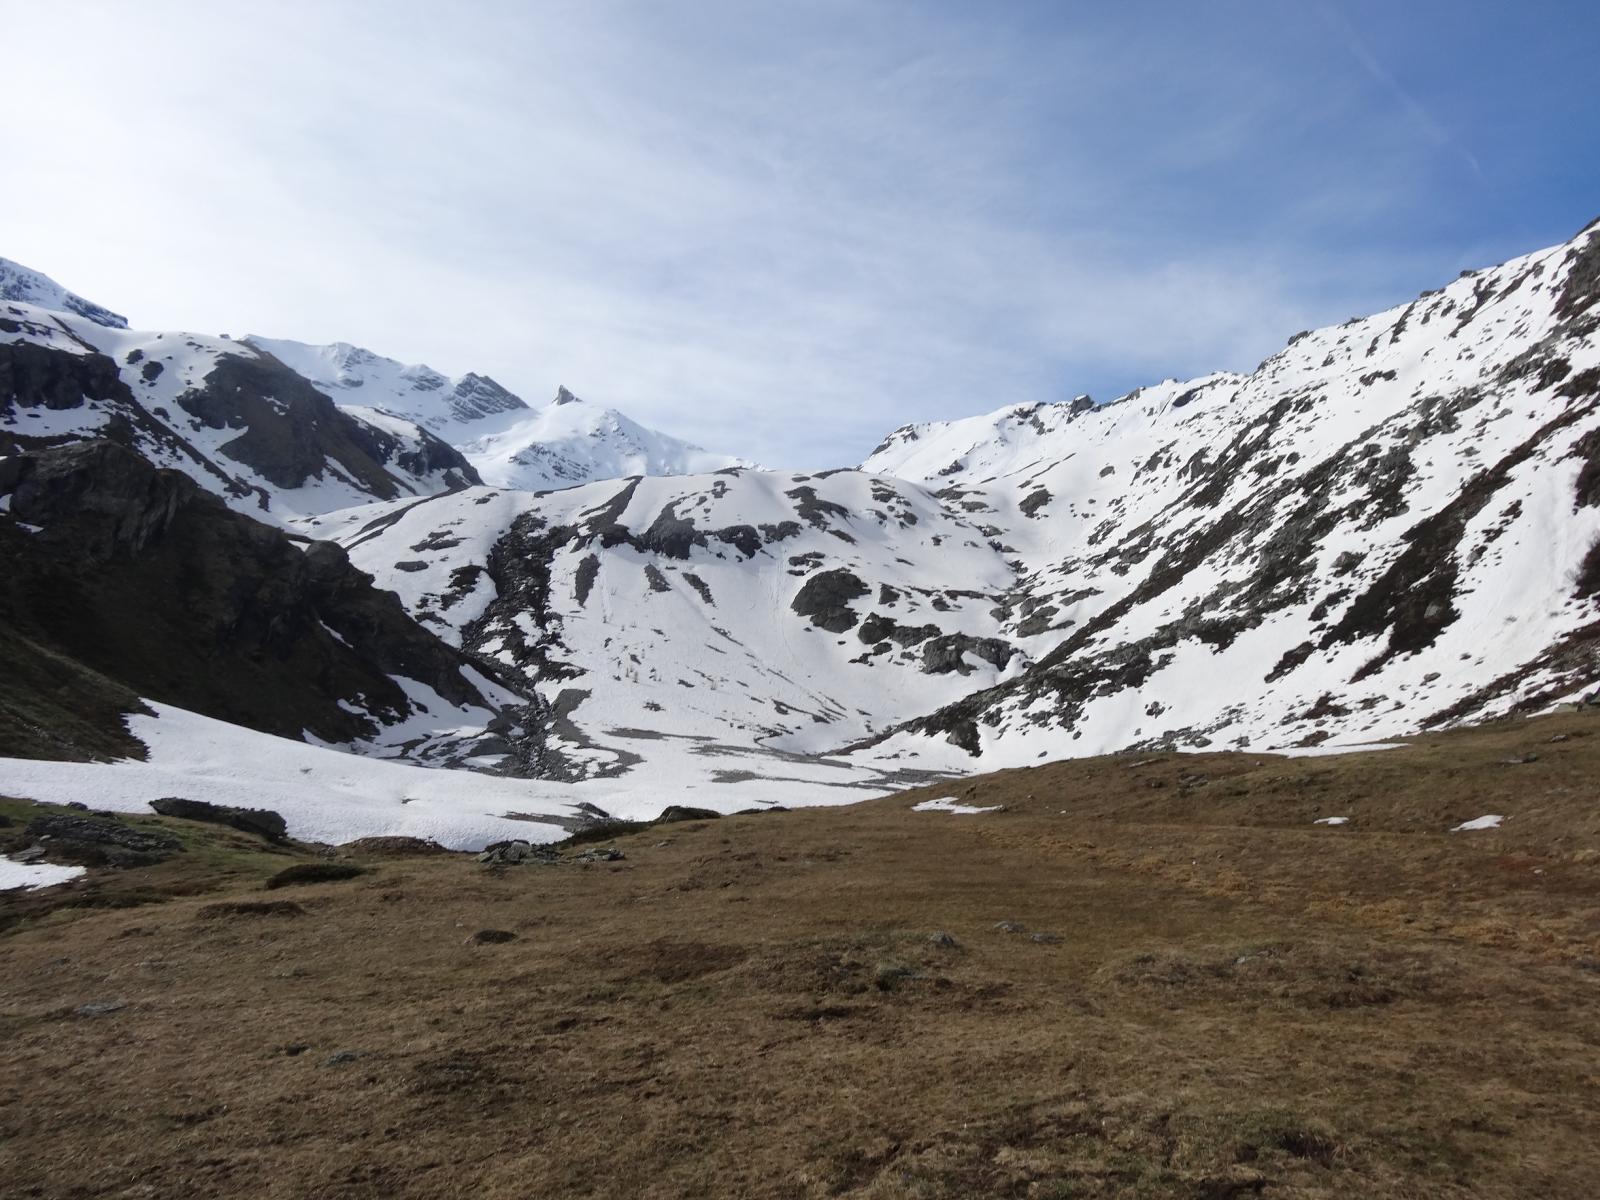 il pianoro dove si mettono/tolgono gli sci